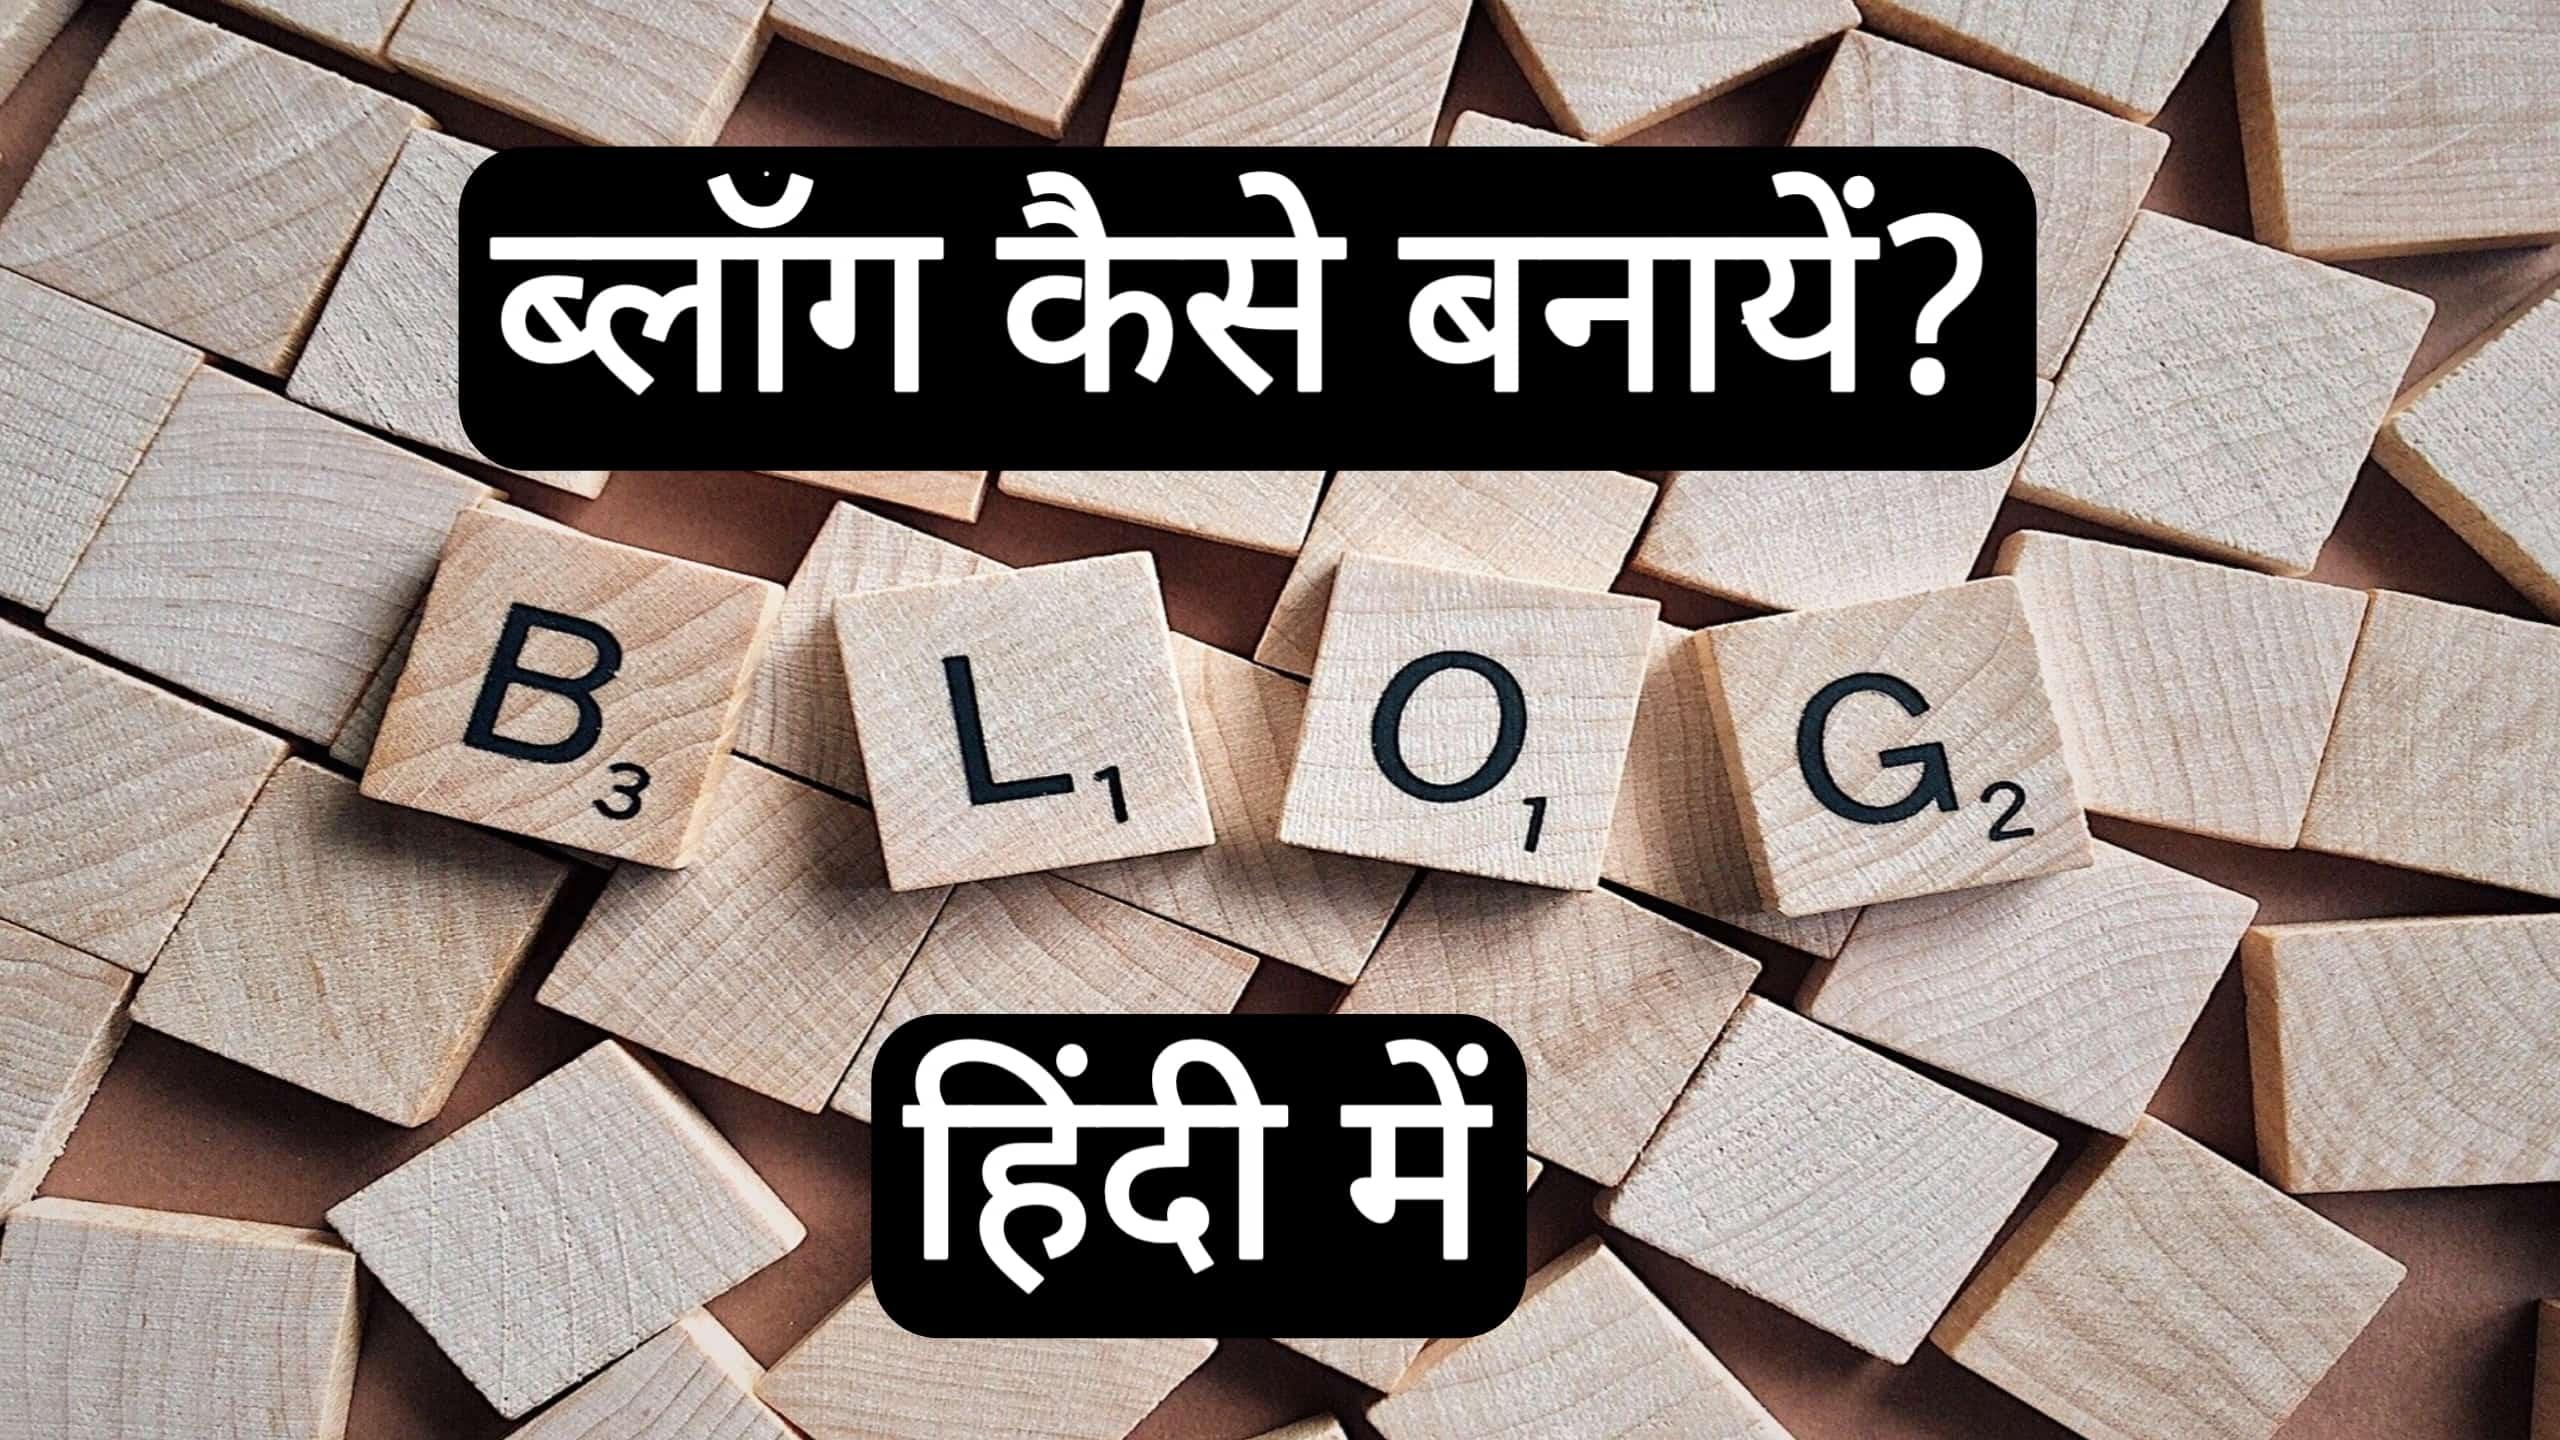 2020 ब्लॉग कैसे बनायें